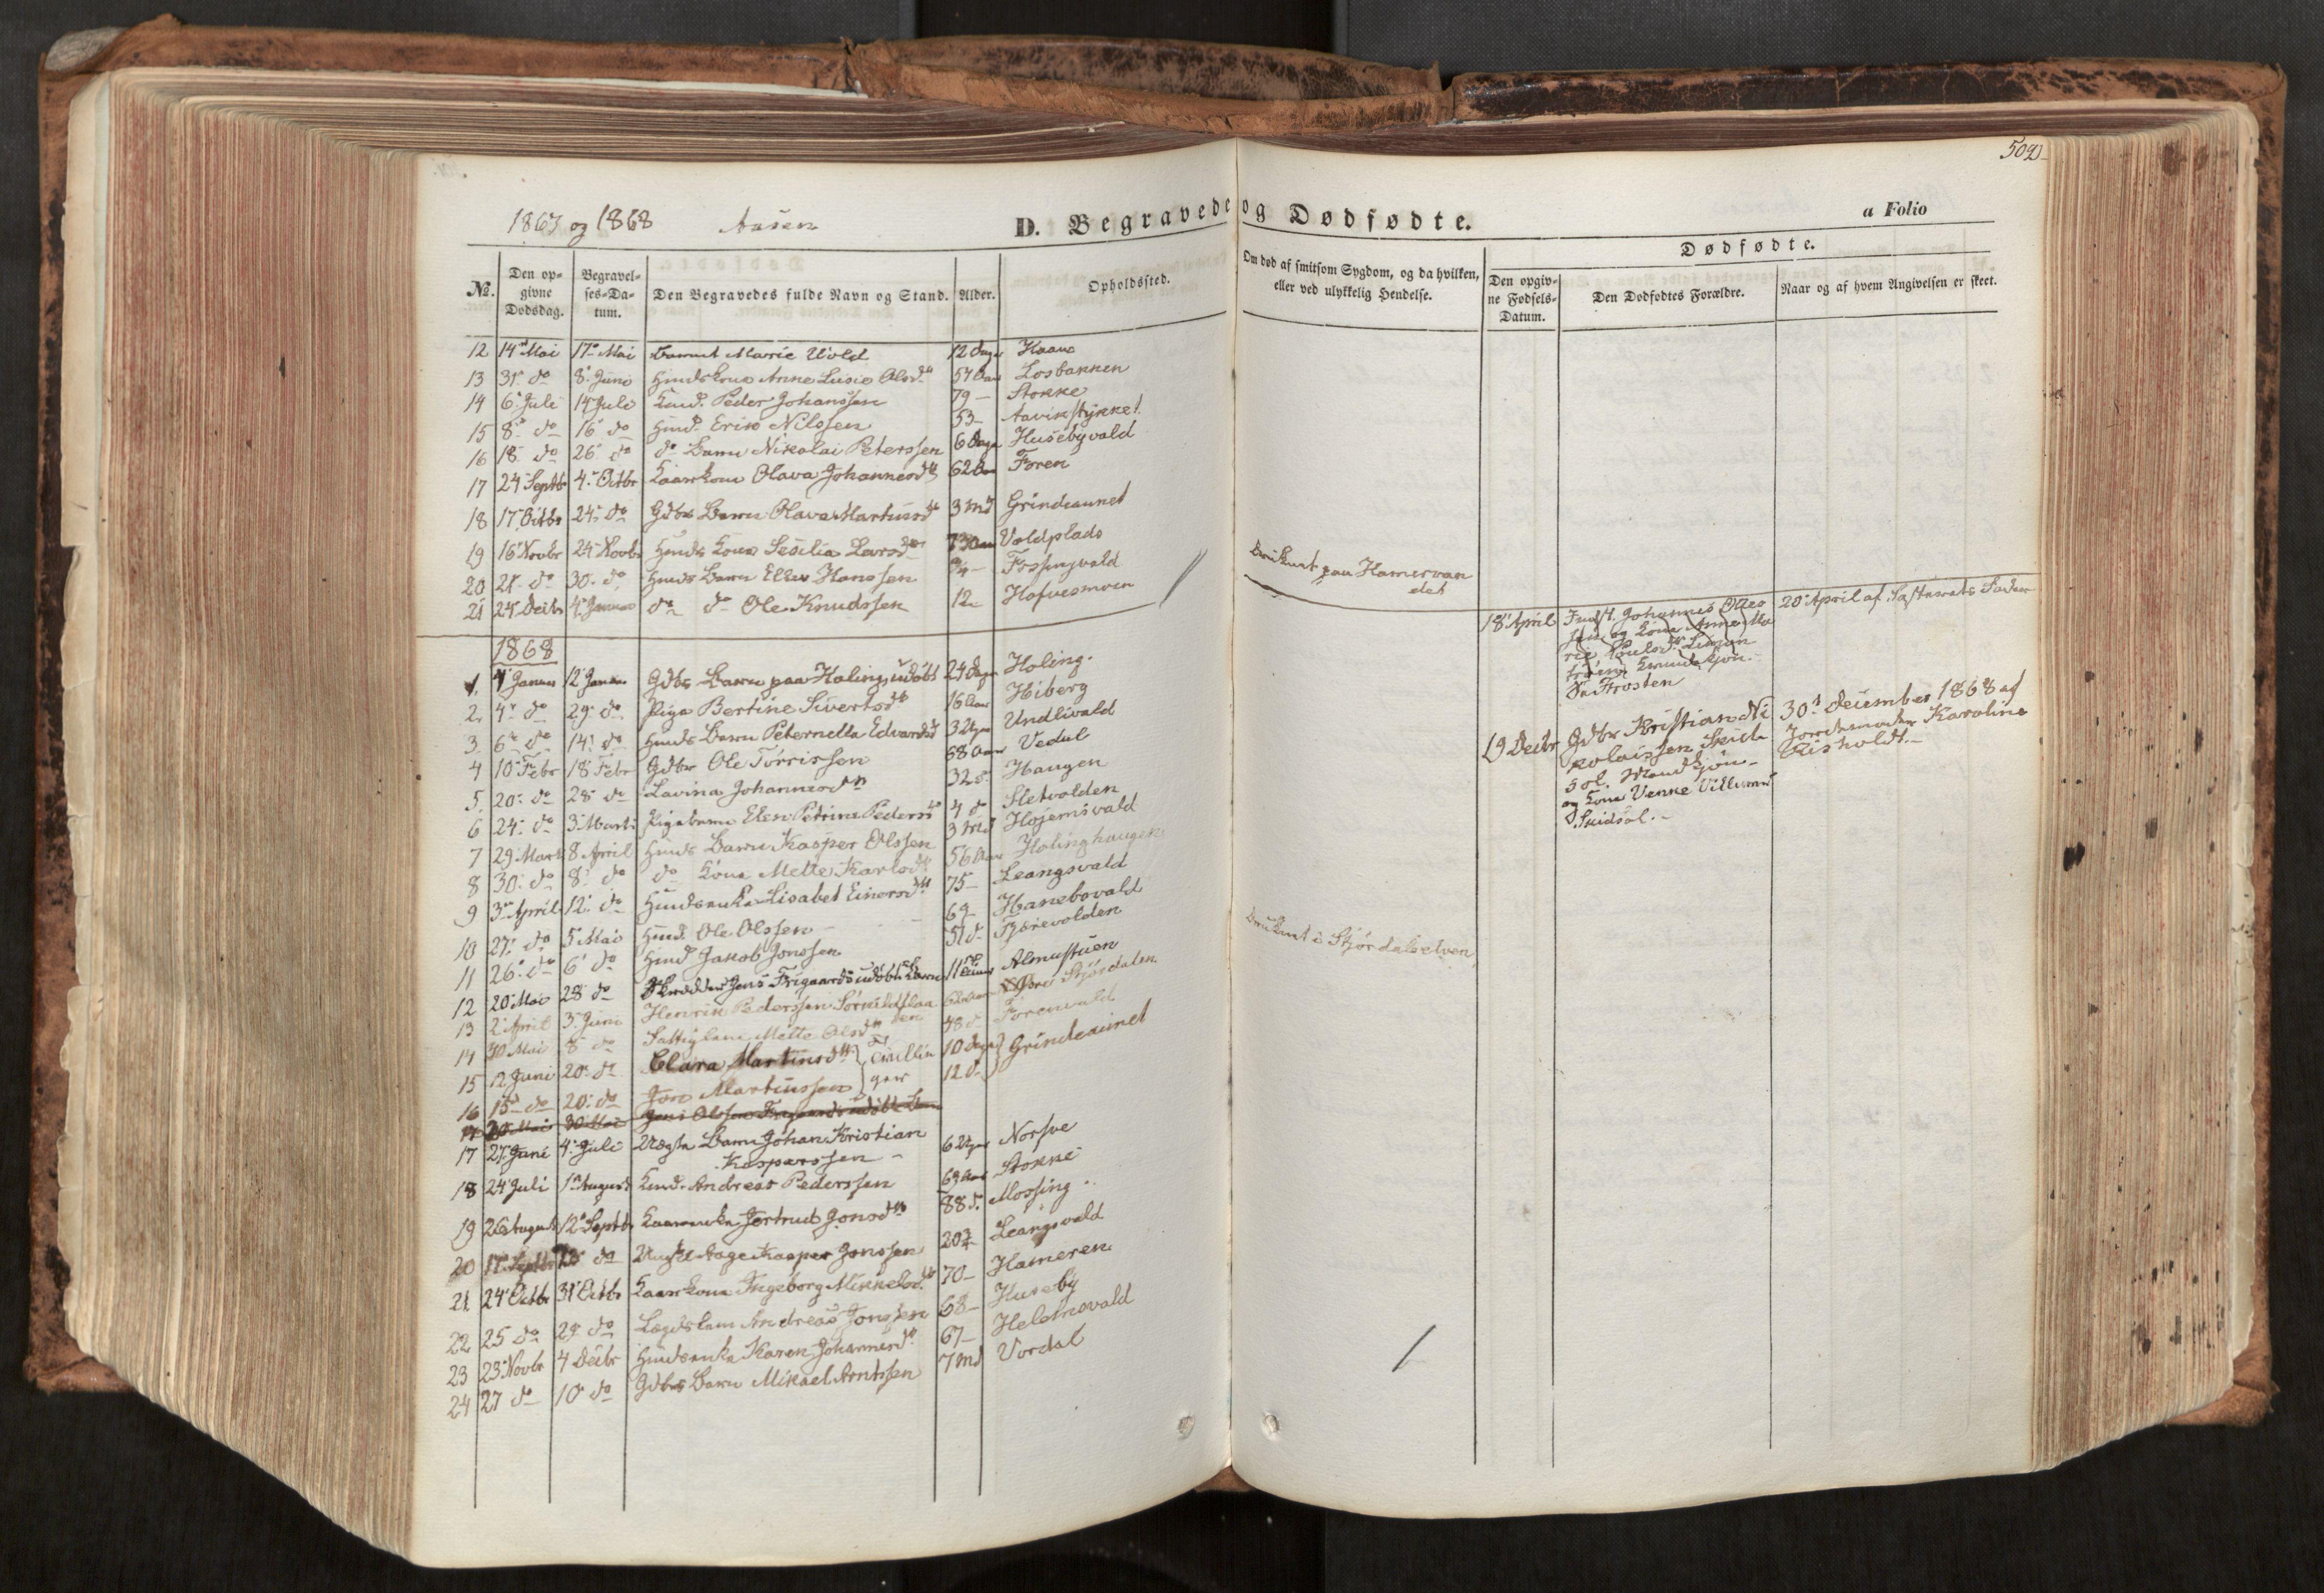 SAT, Ministerialprotokoller, klokkerbøker og fødselsregistre - Nord-Trøndelag, 713/L0116: Ministerialbok nr. 713A07, 1850-1877, s. 502